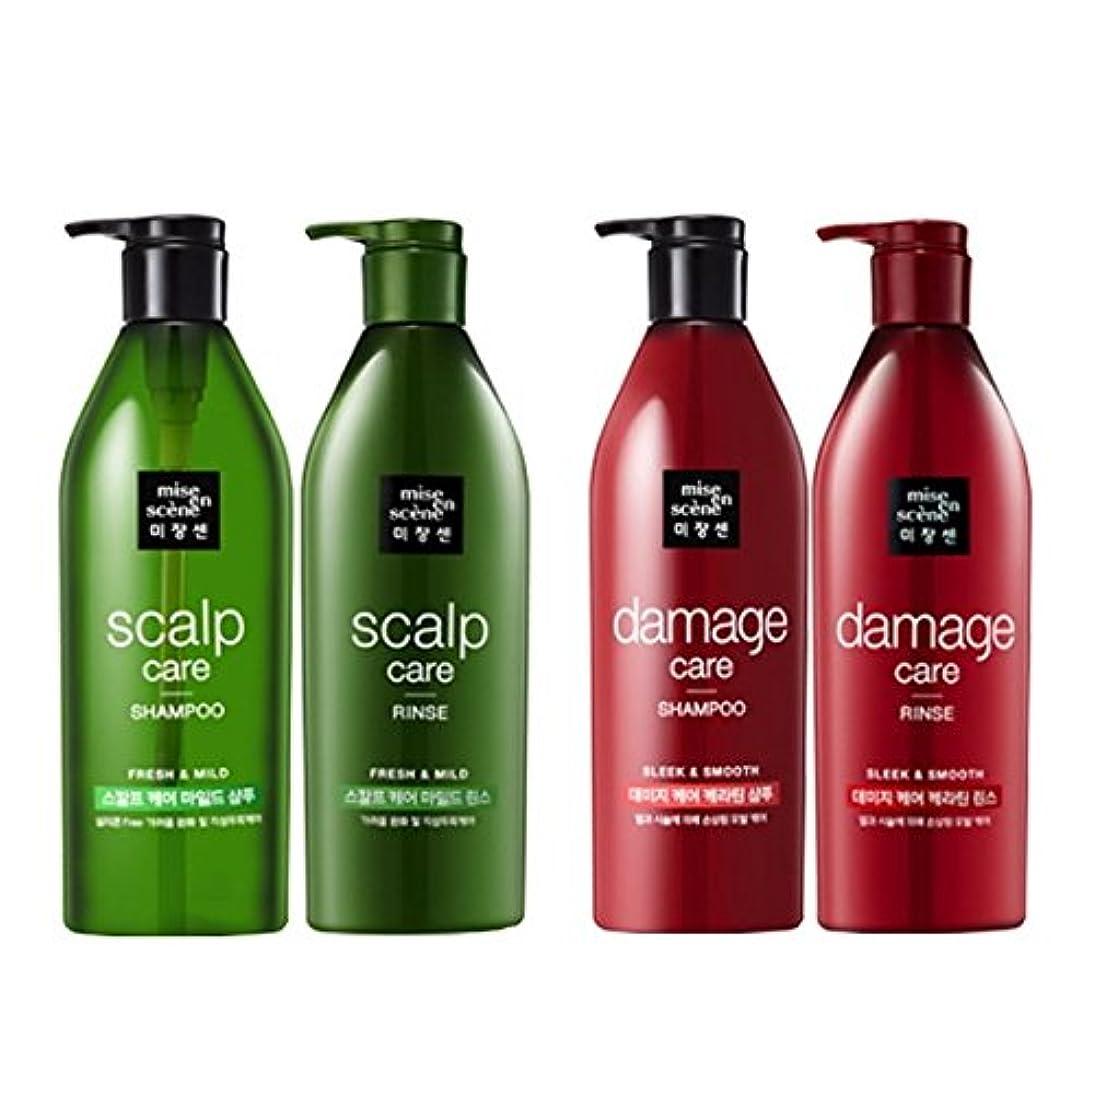 型オーナー塗抹[ミジャンセ ] Miseen Scene [アモーレパシフィック?ミジャンセン]スカルプケア?シャンプー680ml +リンス680ml [Scalp Care Shampoo Rinse Set] & ダメージケア シャンプー...